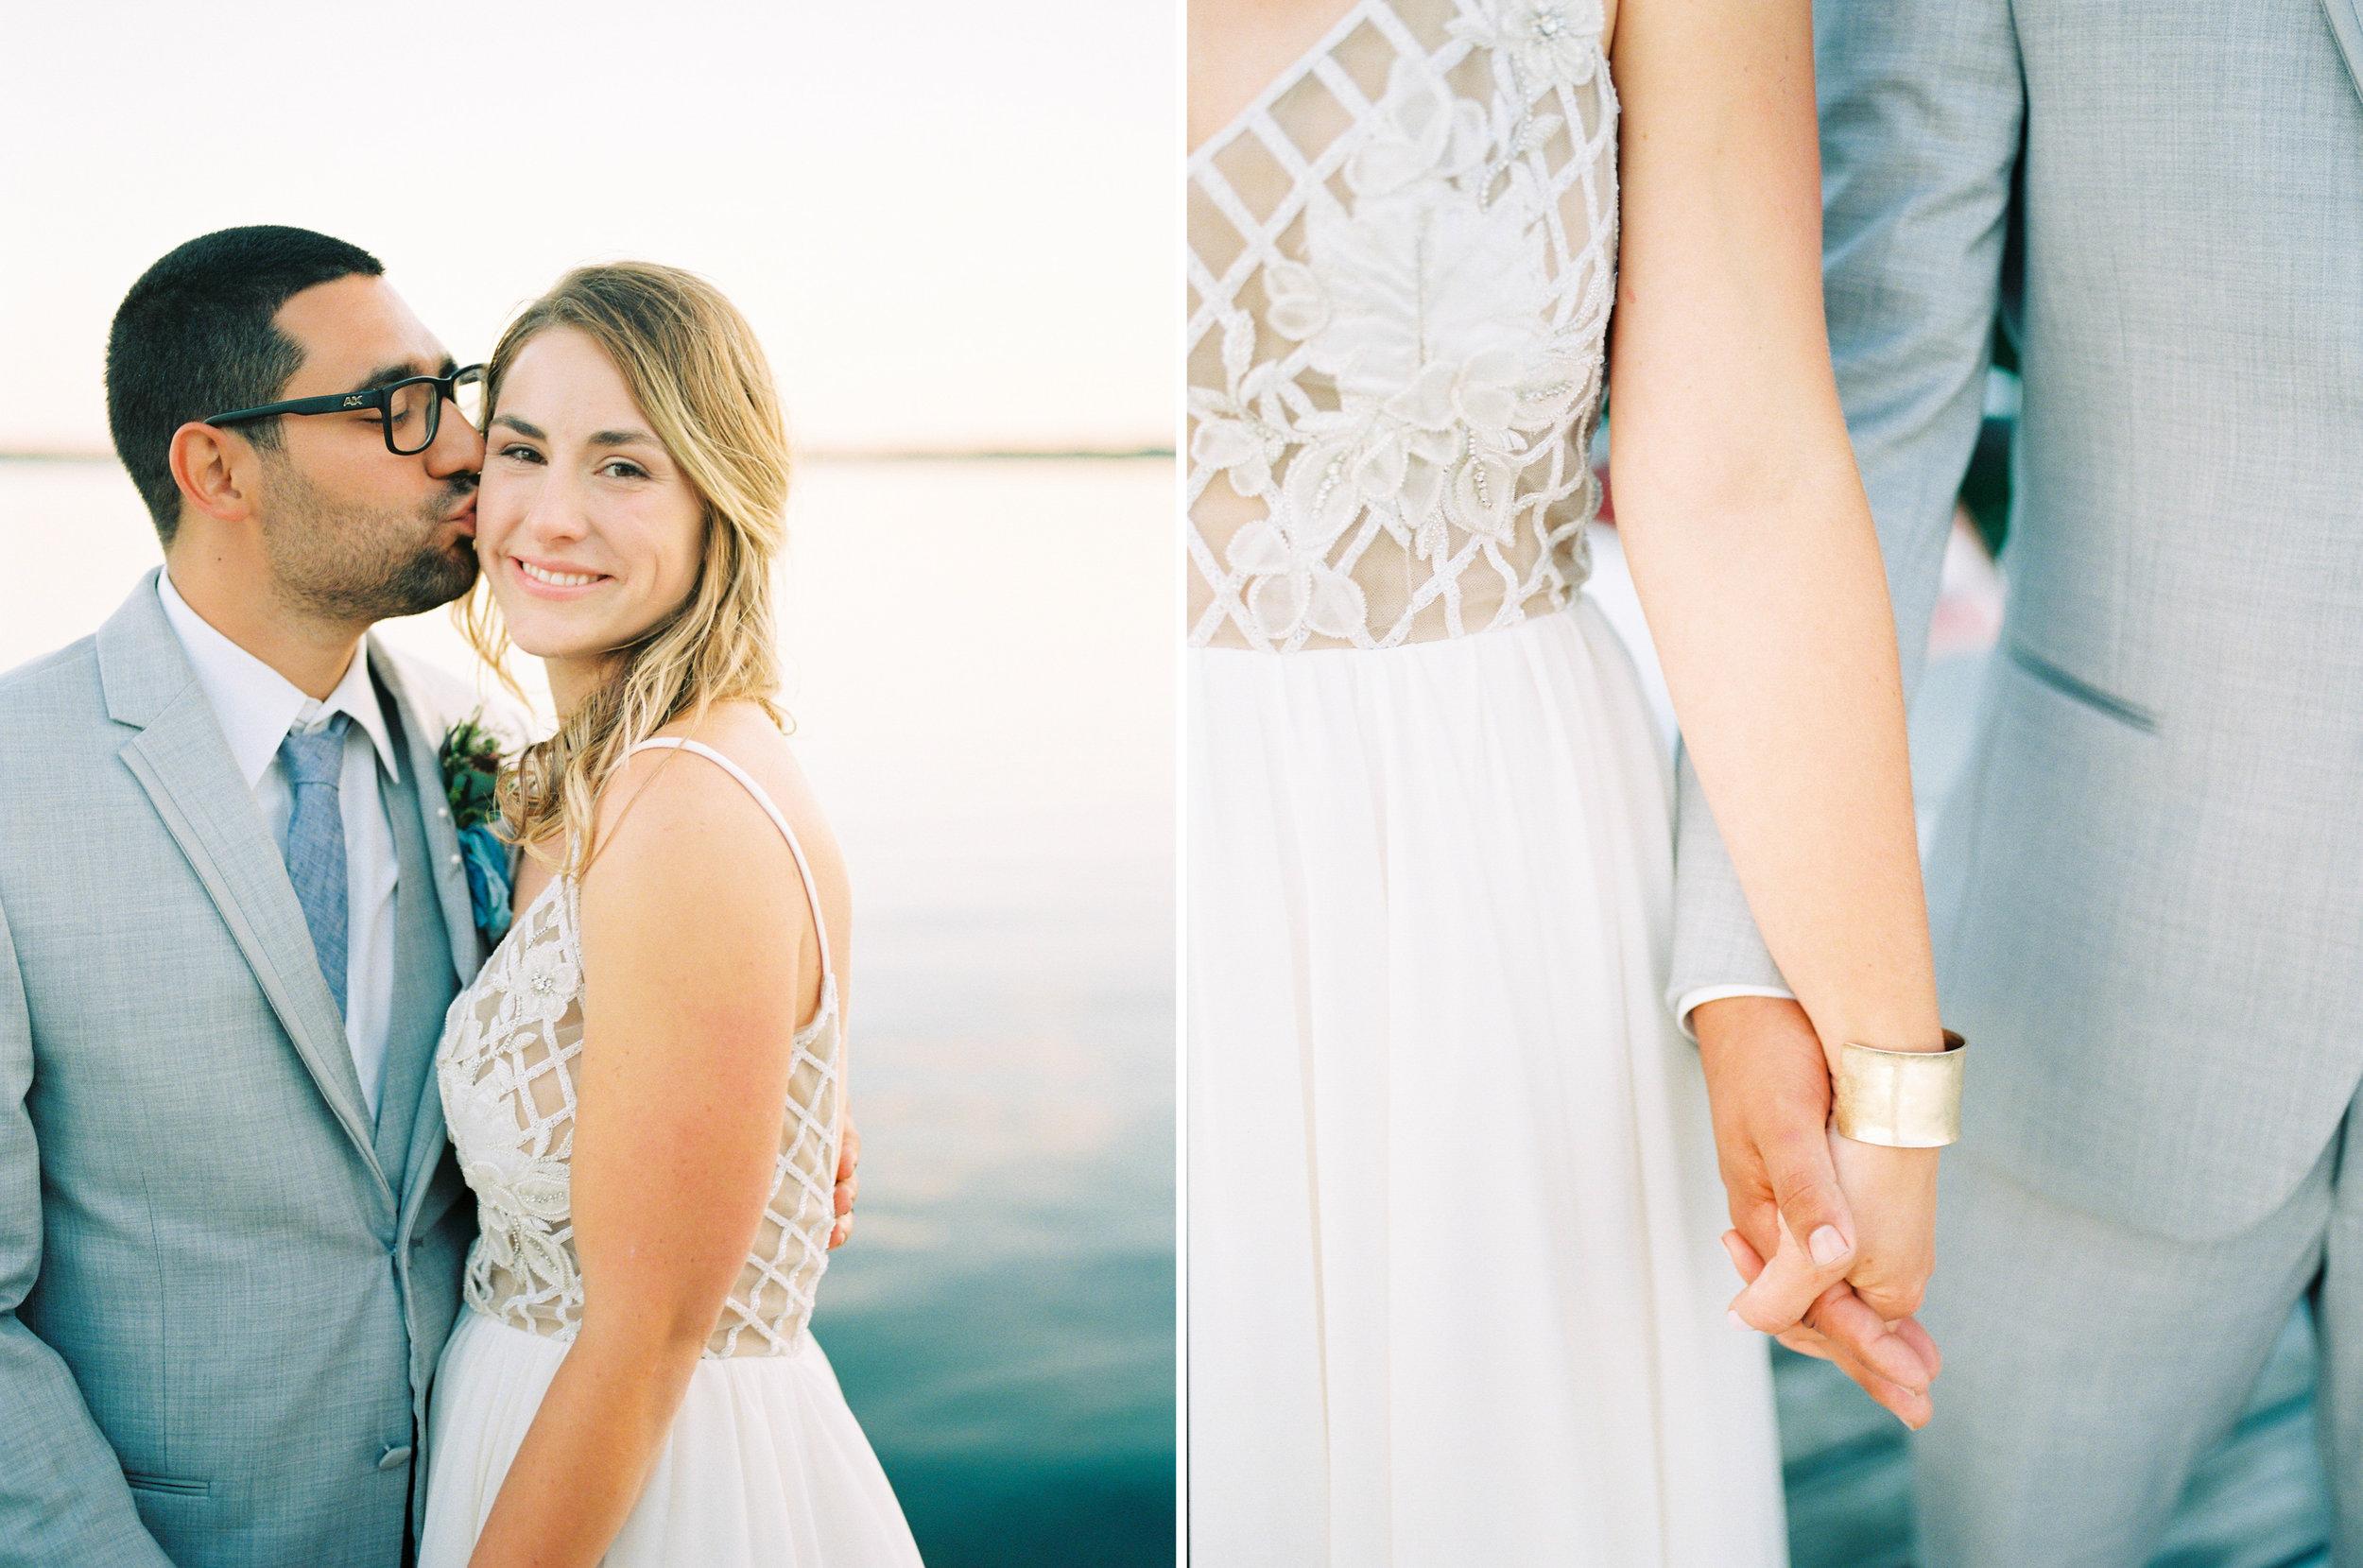 toronto_wedding_photographer_backyard_wedding13.jpg